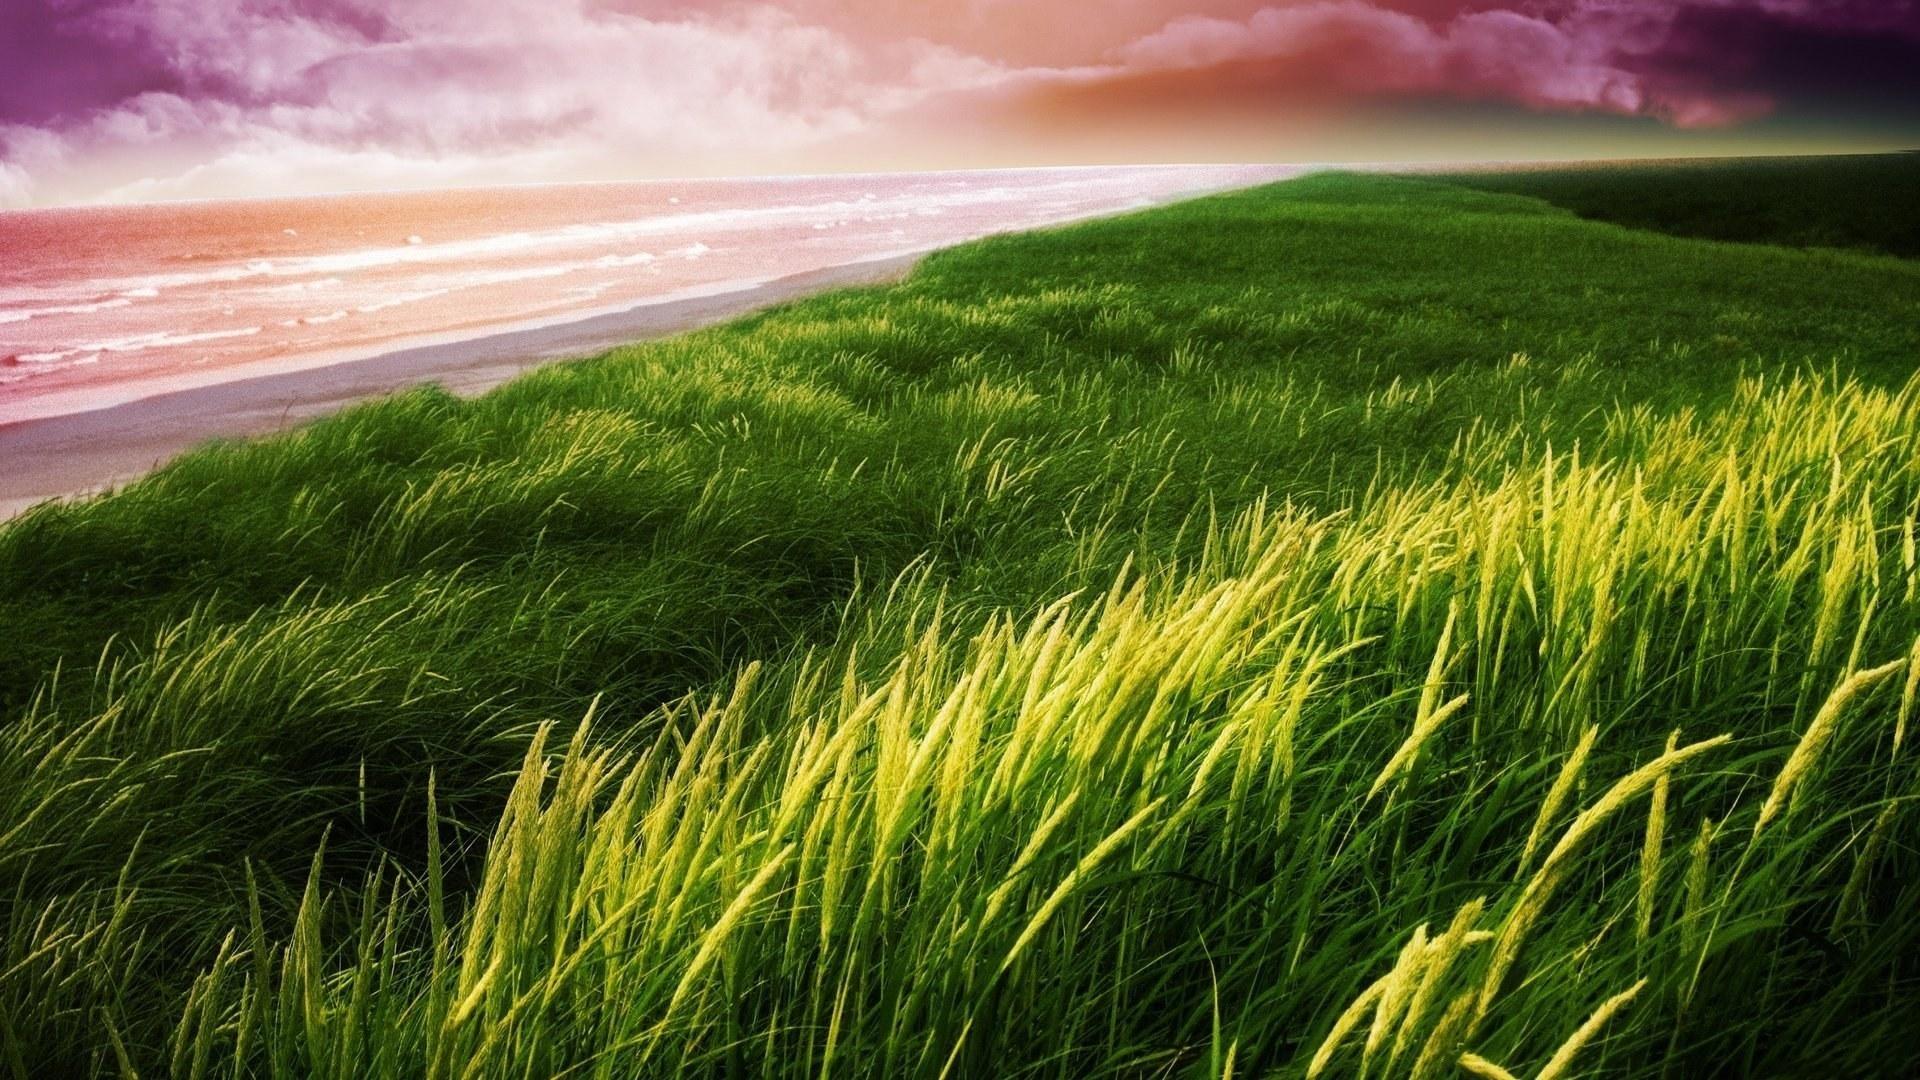 Seagrass Picture